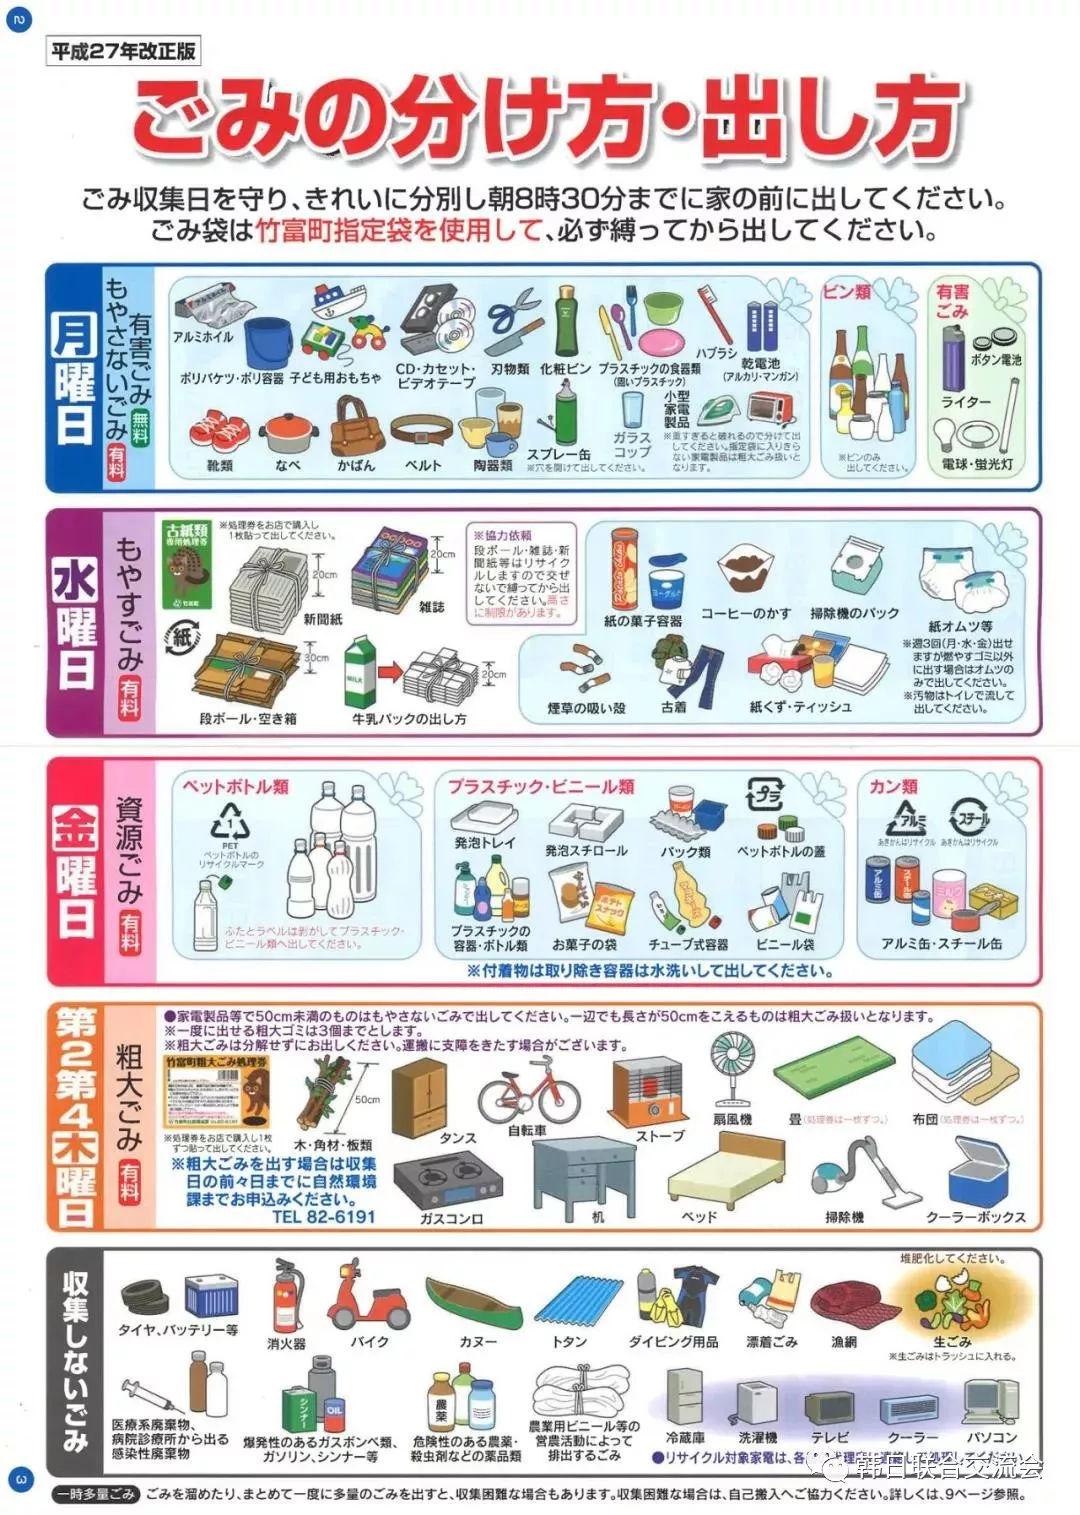 日本垃圾分类这件事,据说能逼疯不少日本留学生!